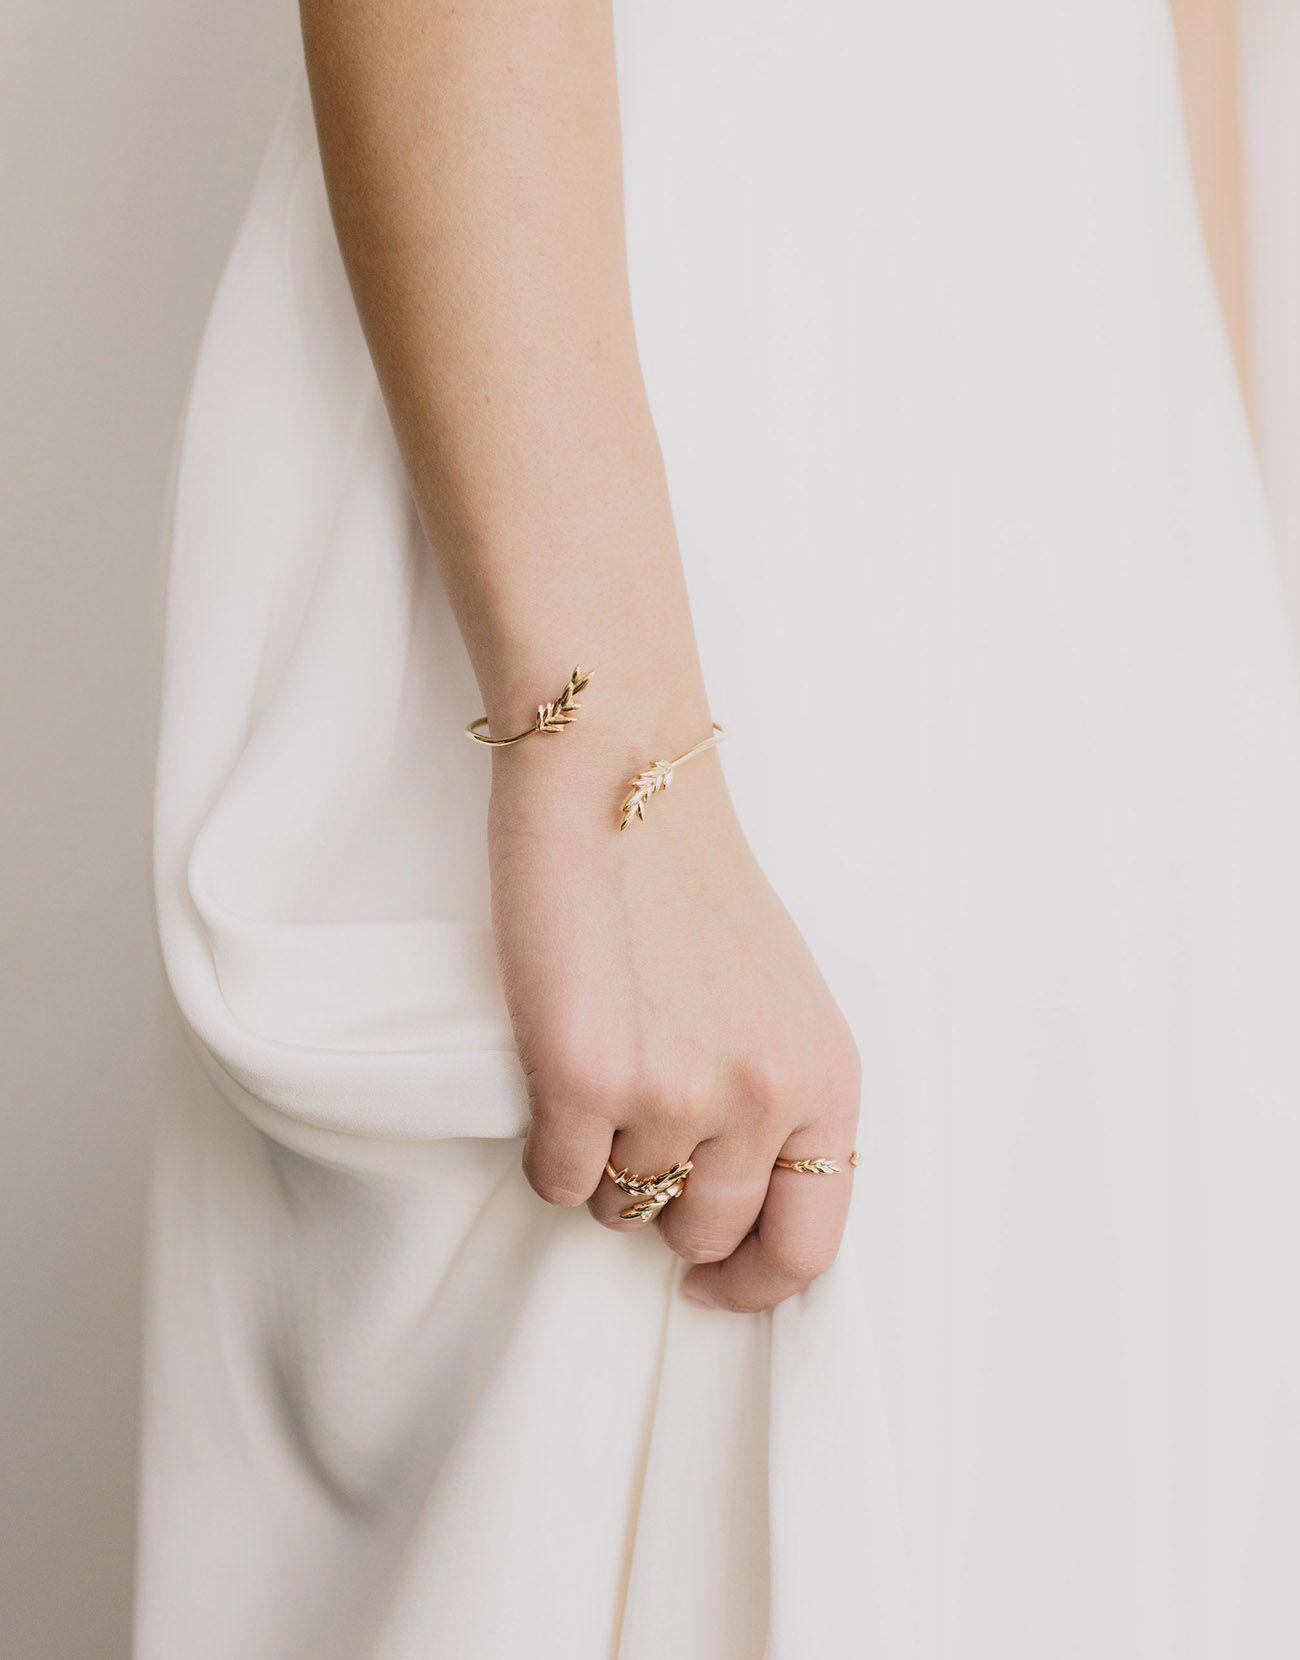 eb4c1631e Olive Leaf Bracelet by GWSxMejuri #GWSxMejuri | GWS x Mejuri ...